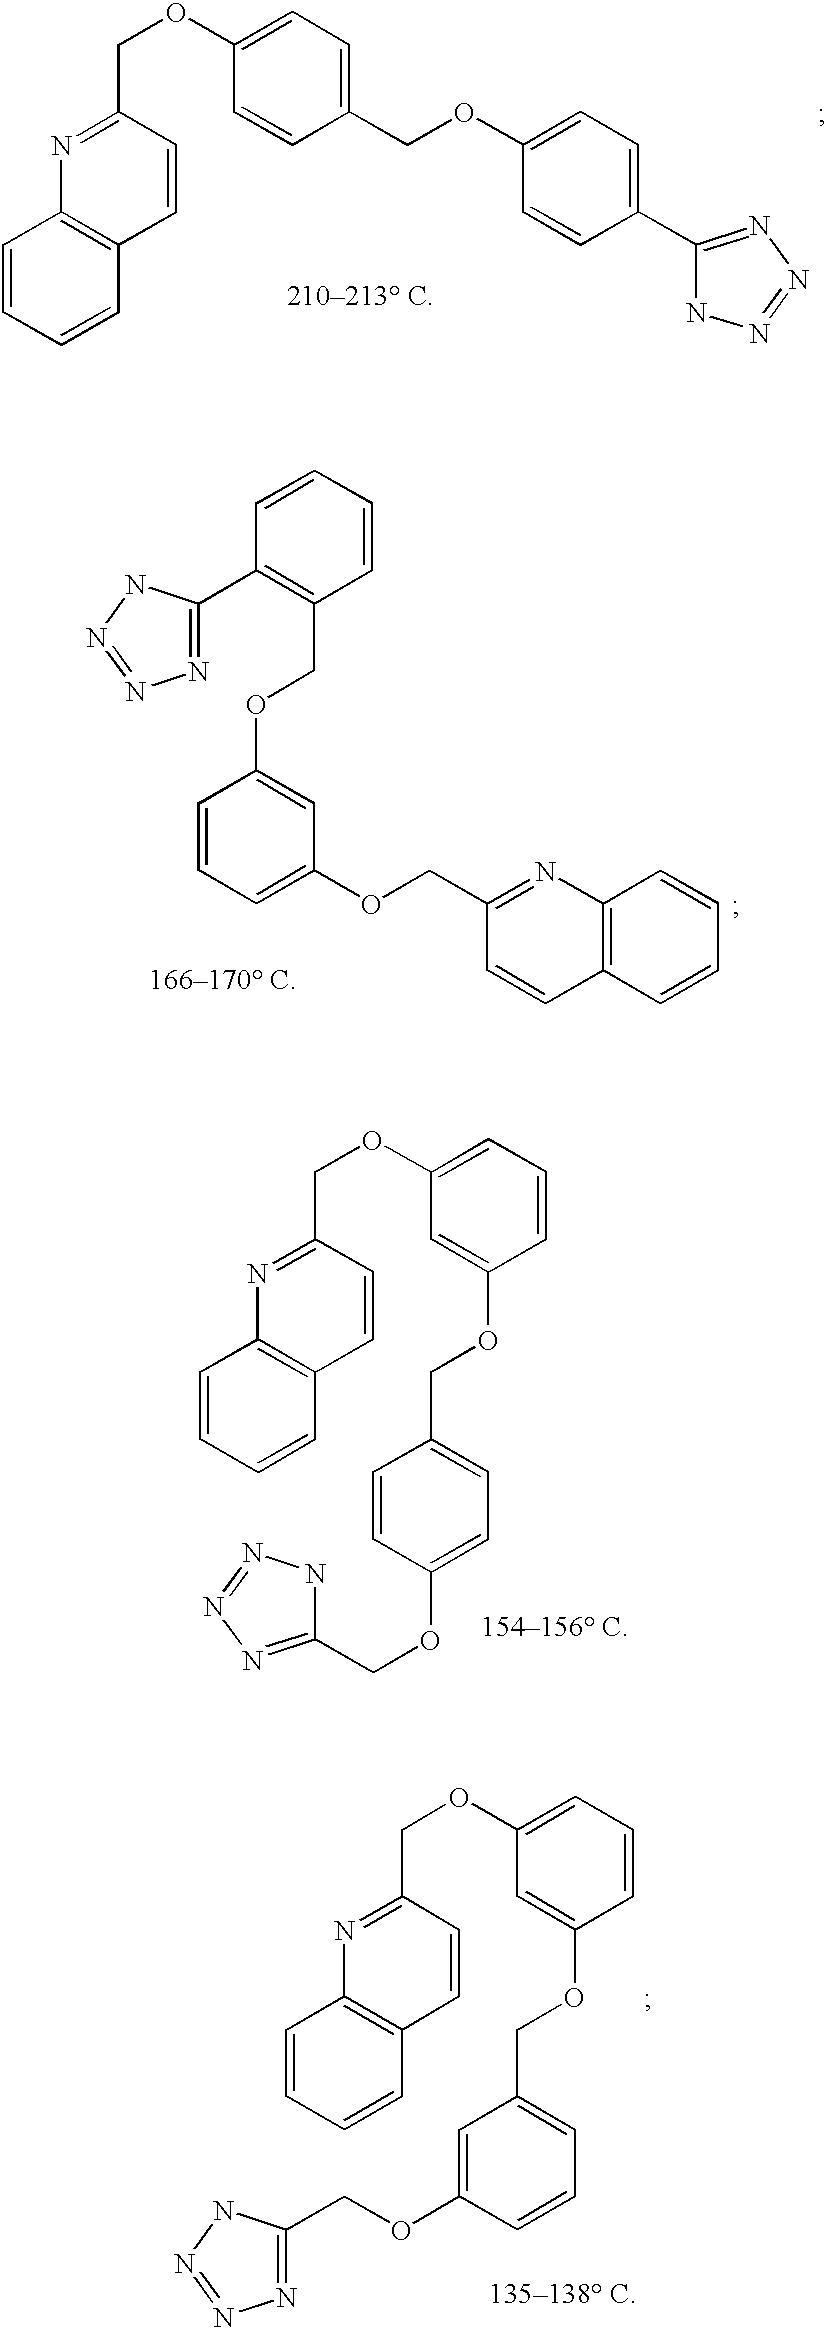 Figure US20030220373A1-20031127-C00291